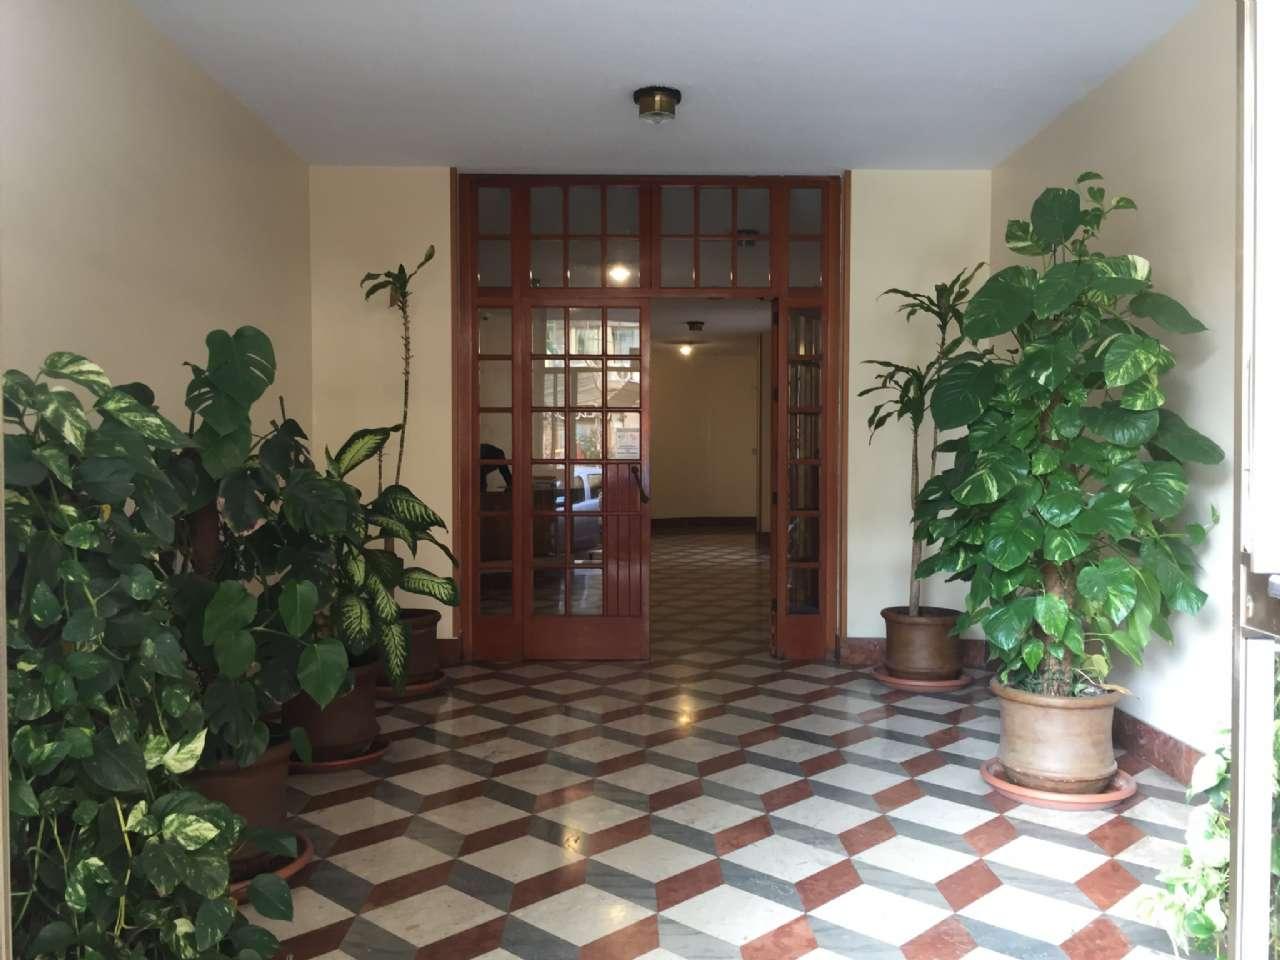 Quadrilocale, Via Ercole Bernabei, zona Malaspina, Palermo, foto 17